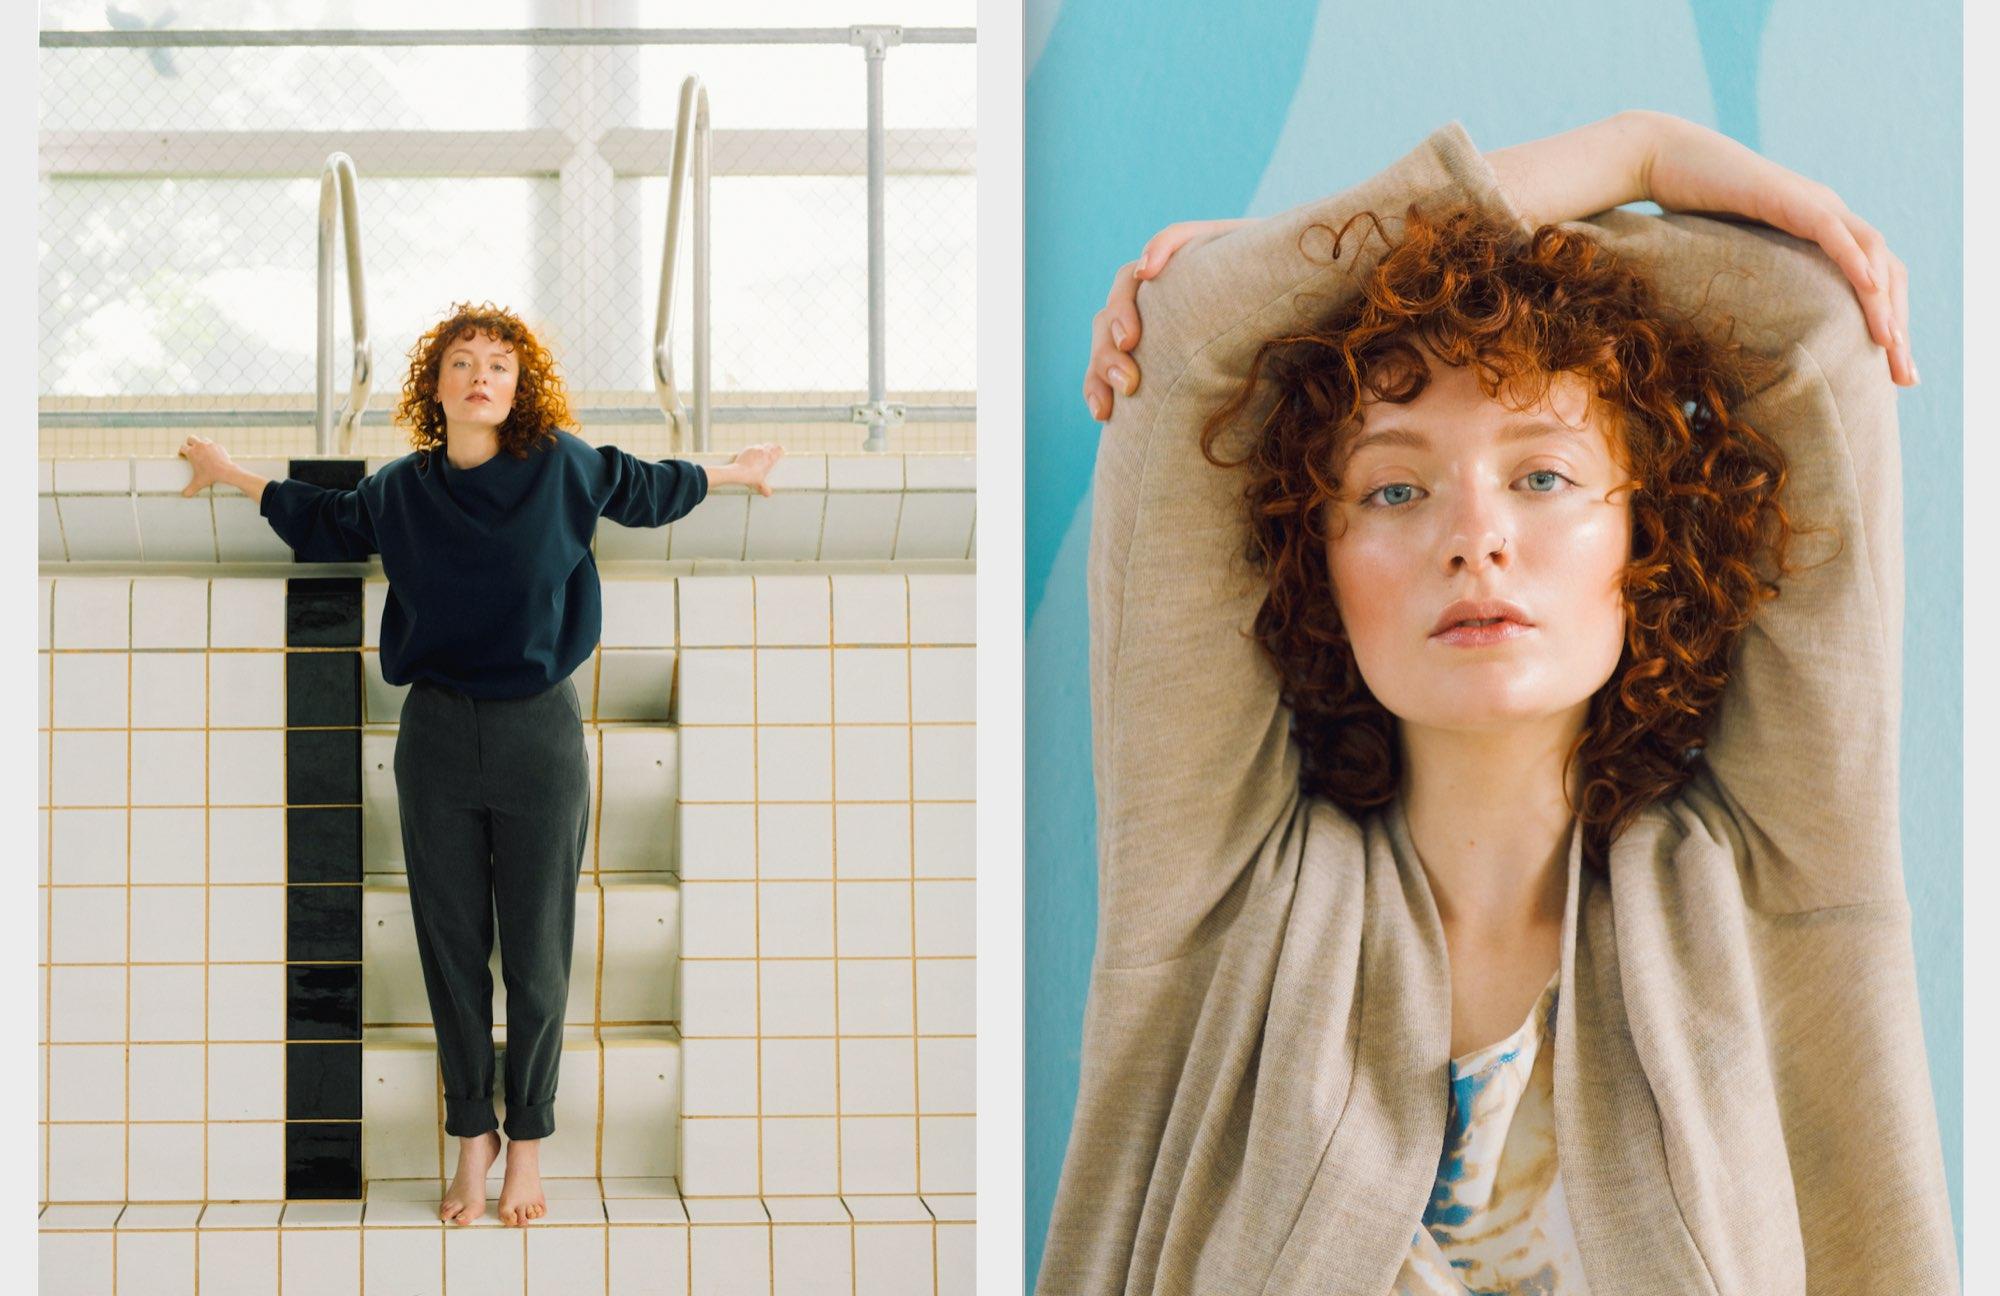 Neue Arbeit von Laura für die neue Kollektion von Fink und Star  - neue-arbeit-von-laura-f--r-die-neue-kollektion-von-fink-und-star--ID14593-02.jpeg?v=1591786870